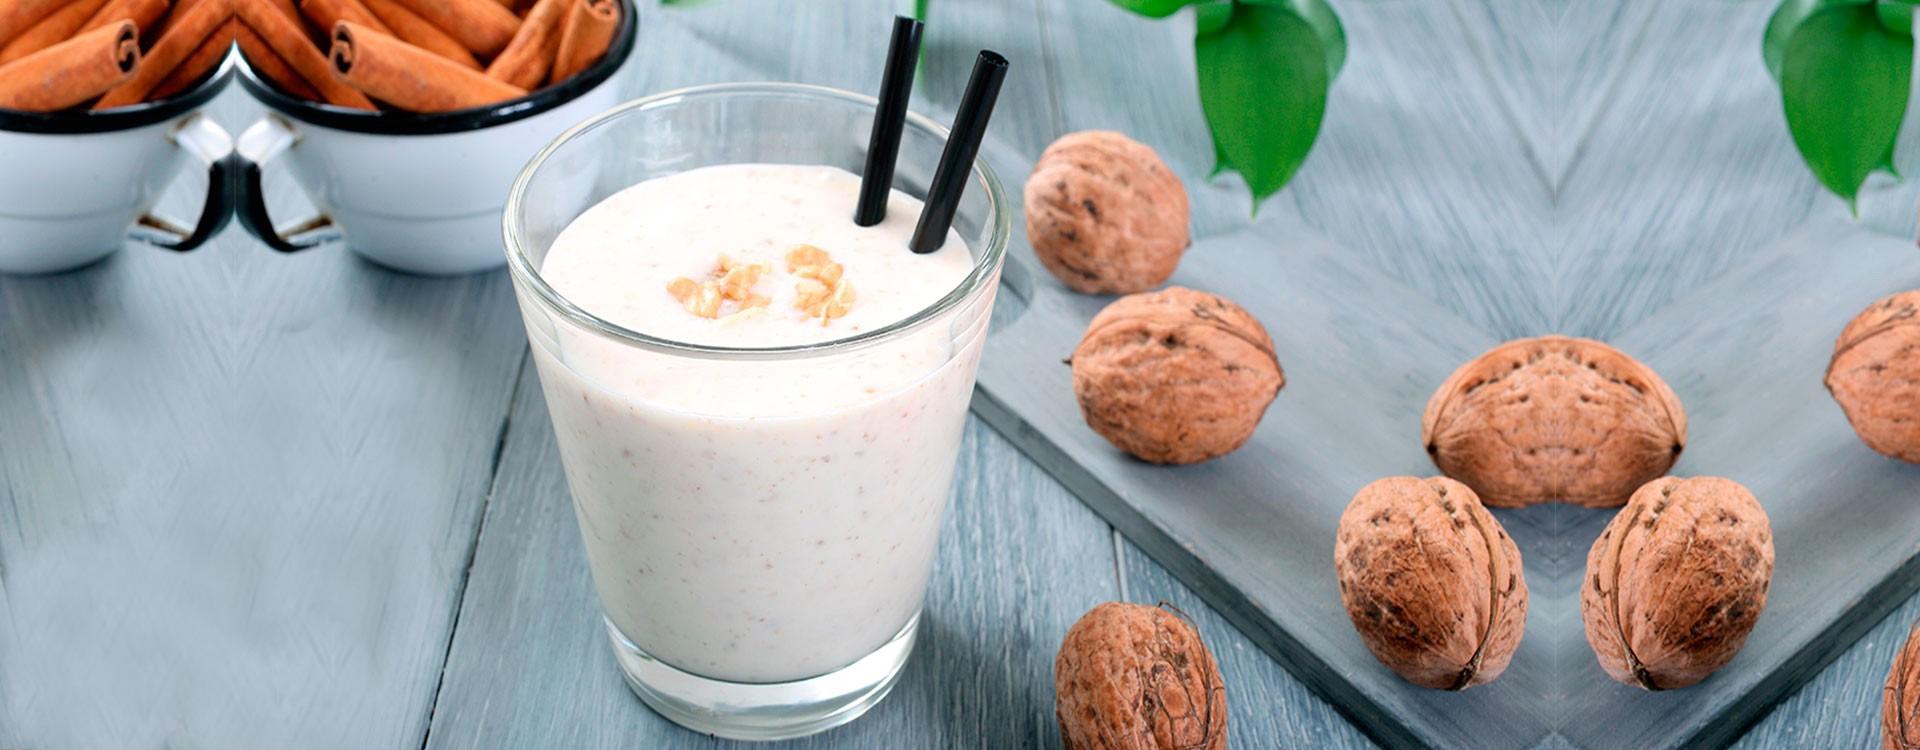 come preparare il latte di becchime per dimagrire